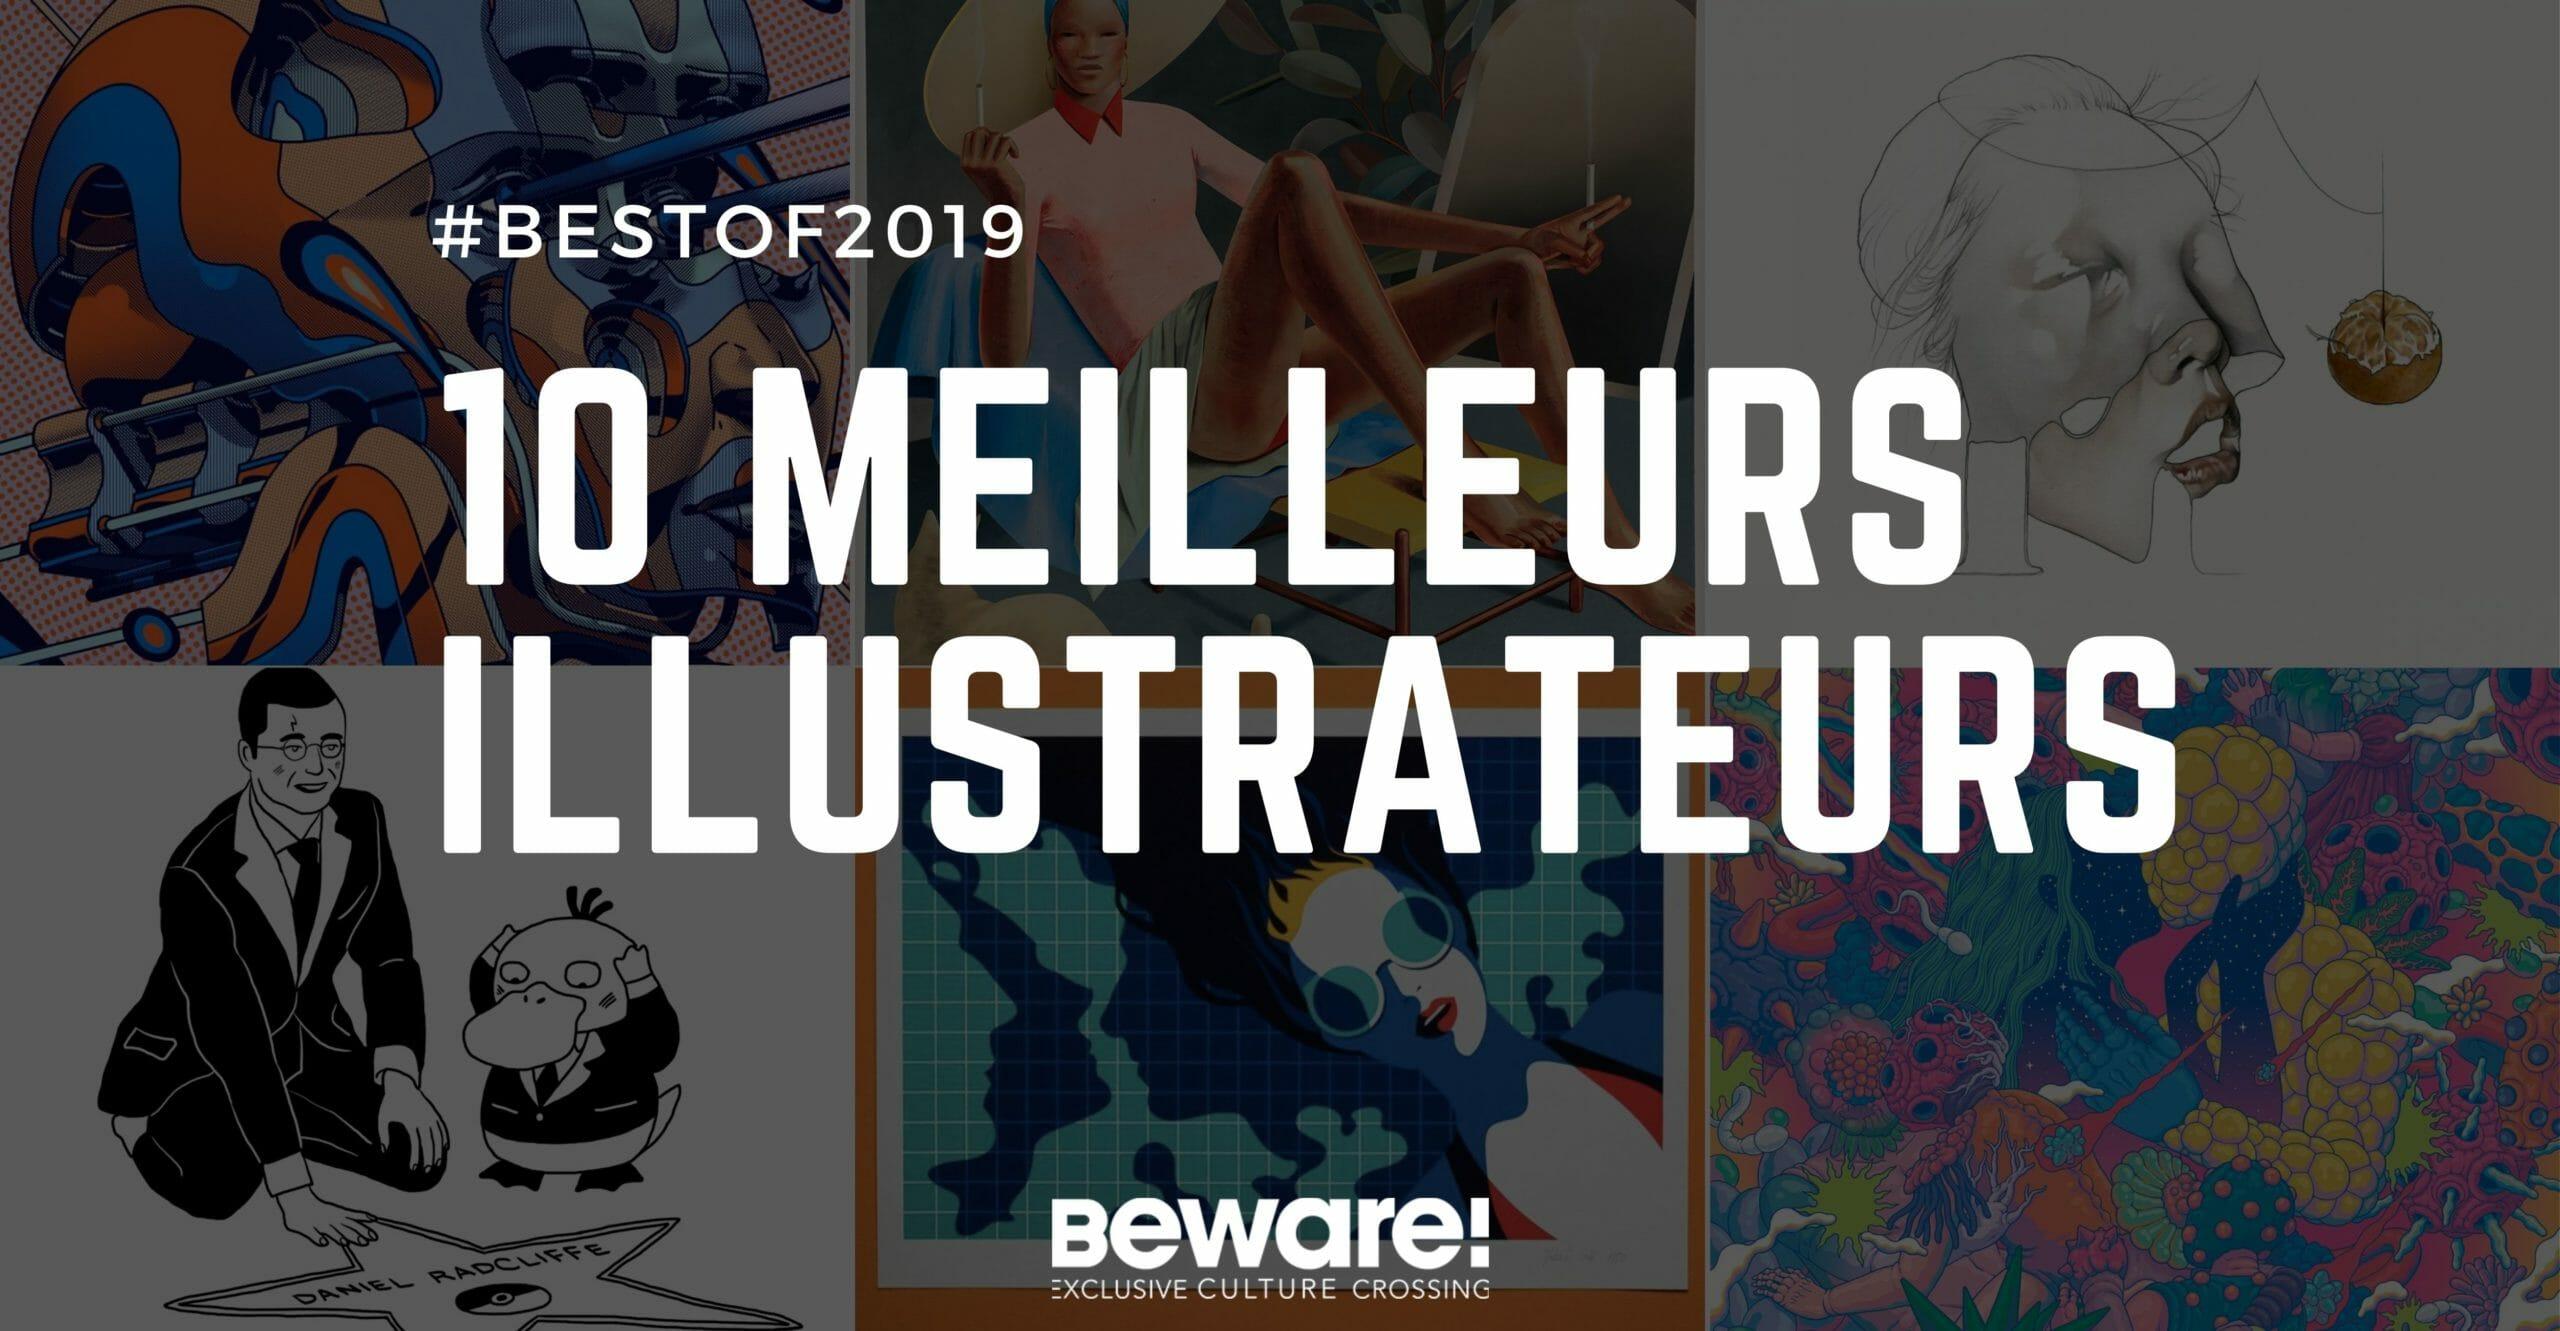 meilleurs illustrateurs 2019